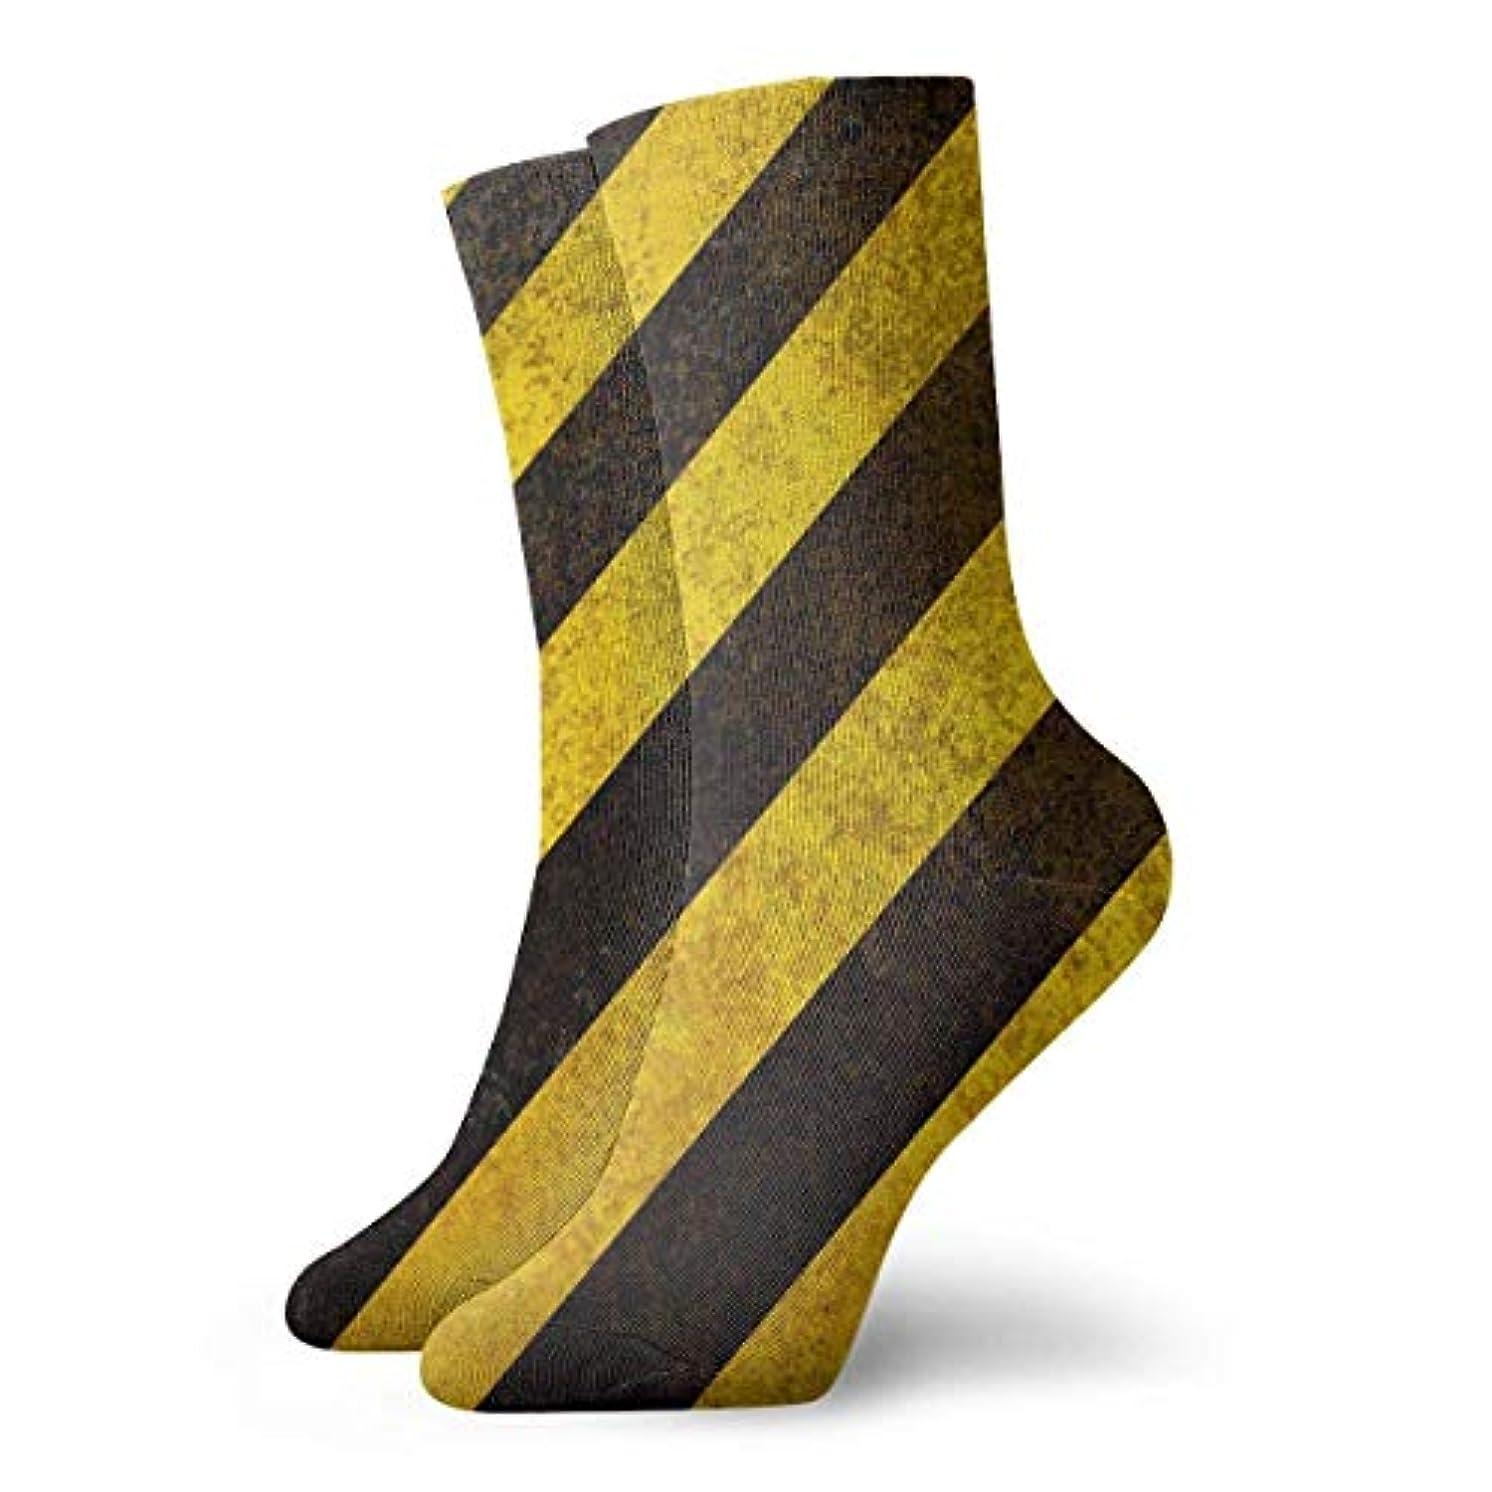 混沌密接に横クルーザーユニセックスカラフルドレスソックス、イエローブラックストライプ、冬ソフトコージー暖かい靴下かわいい面白いクルーコットンソックス1パック